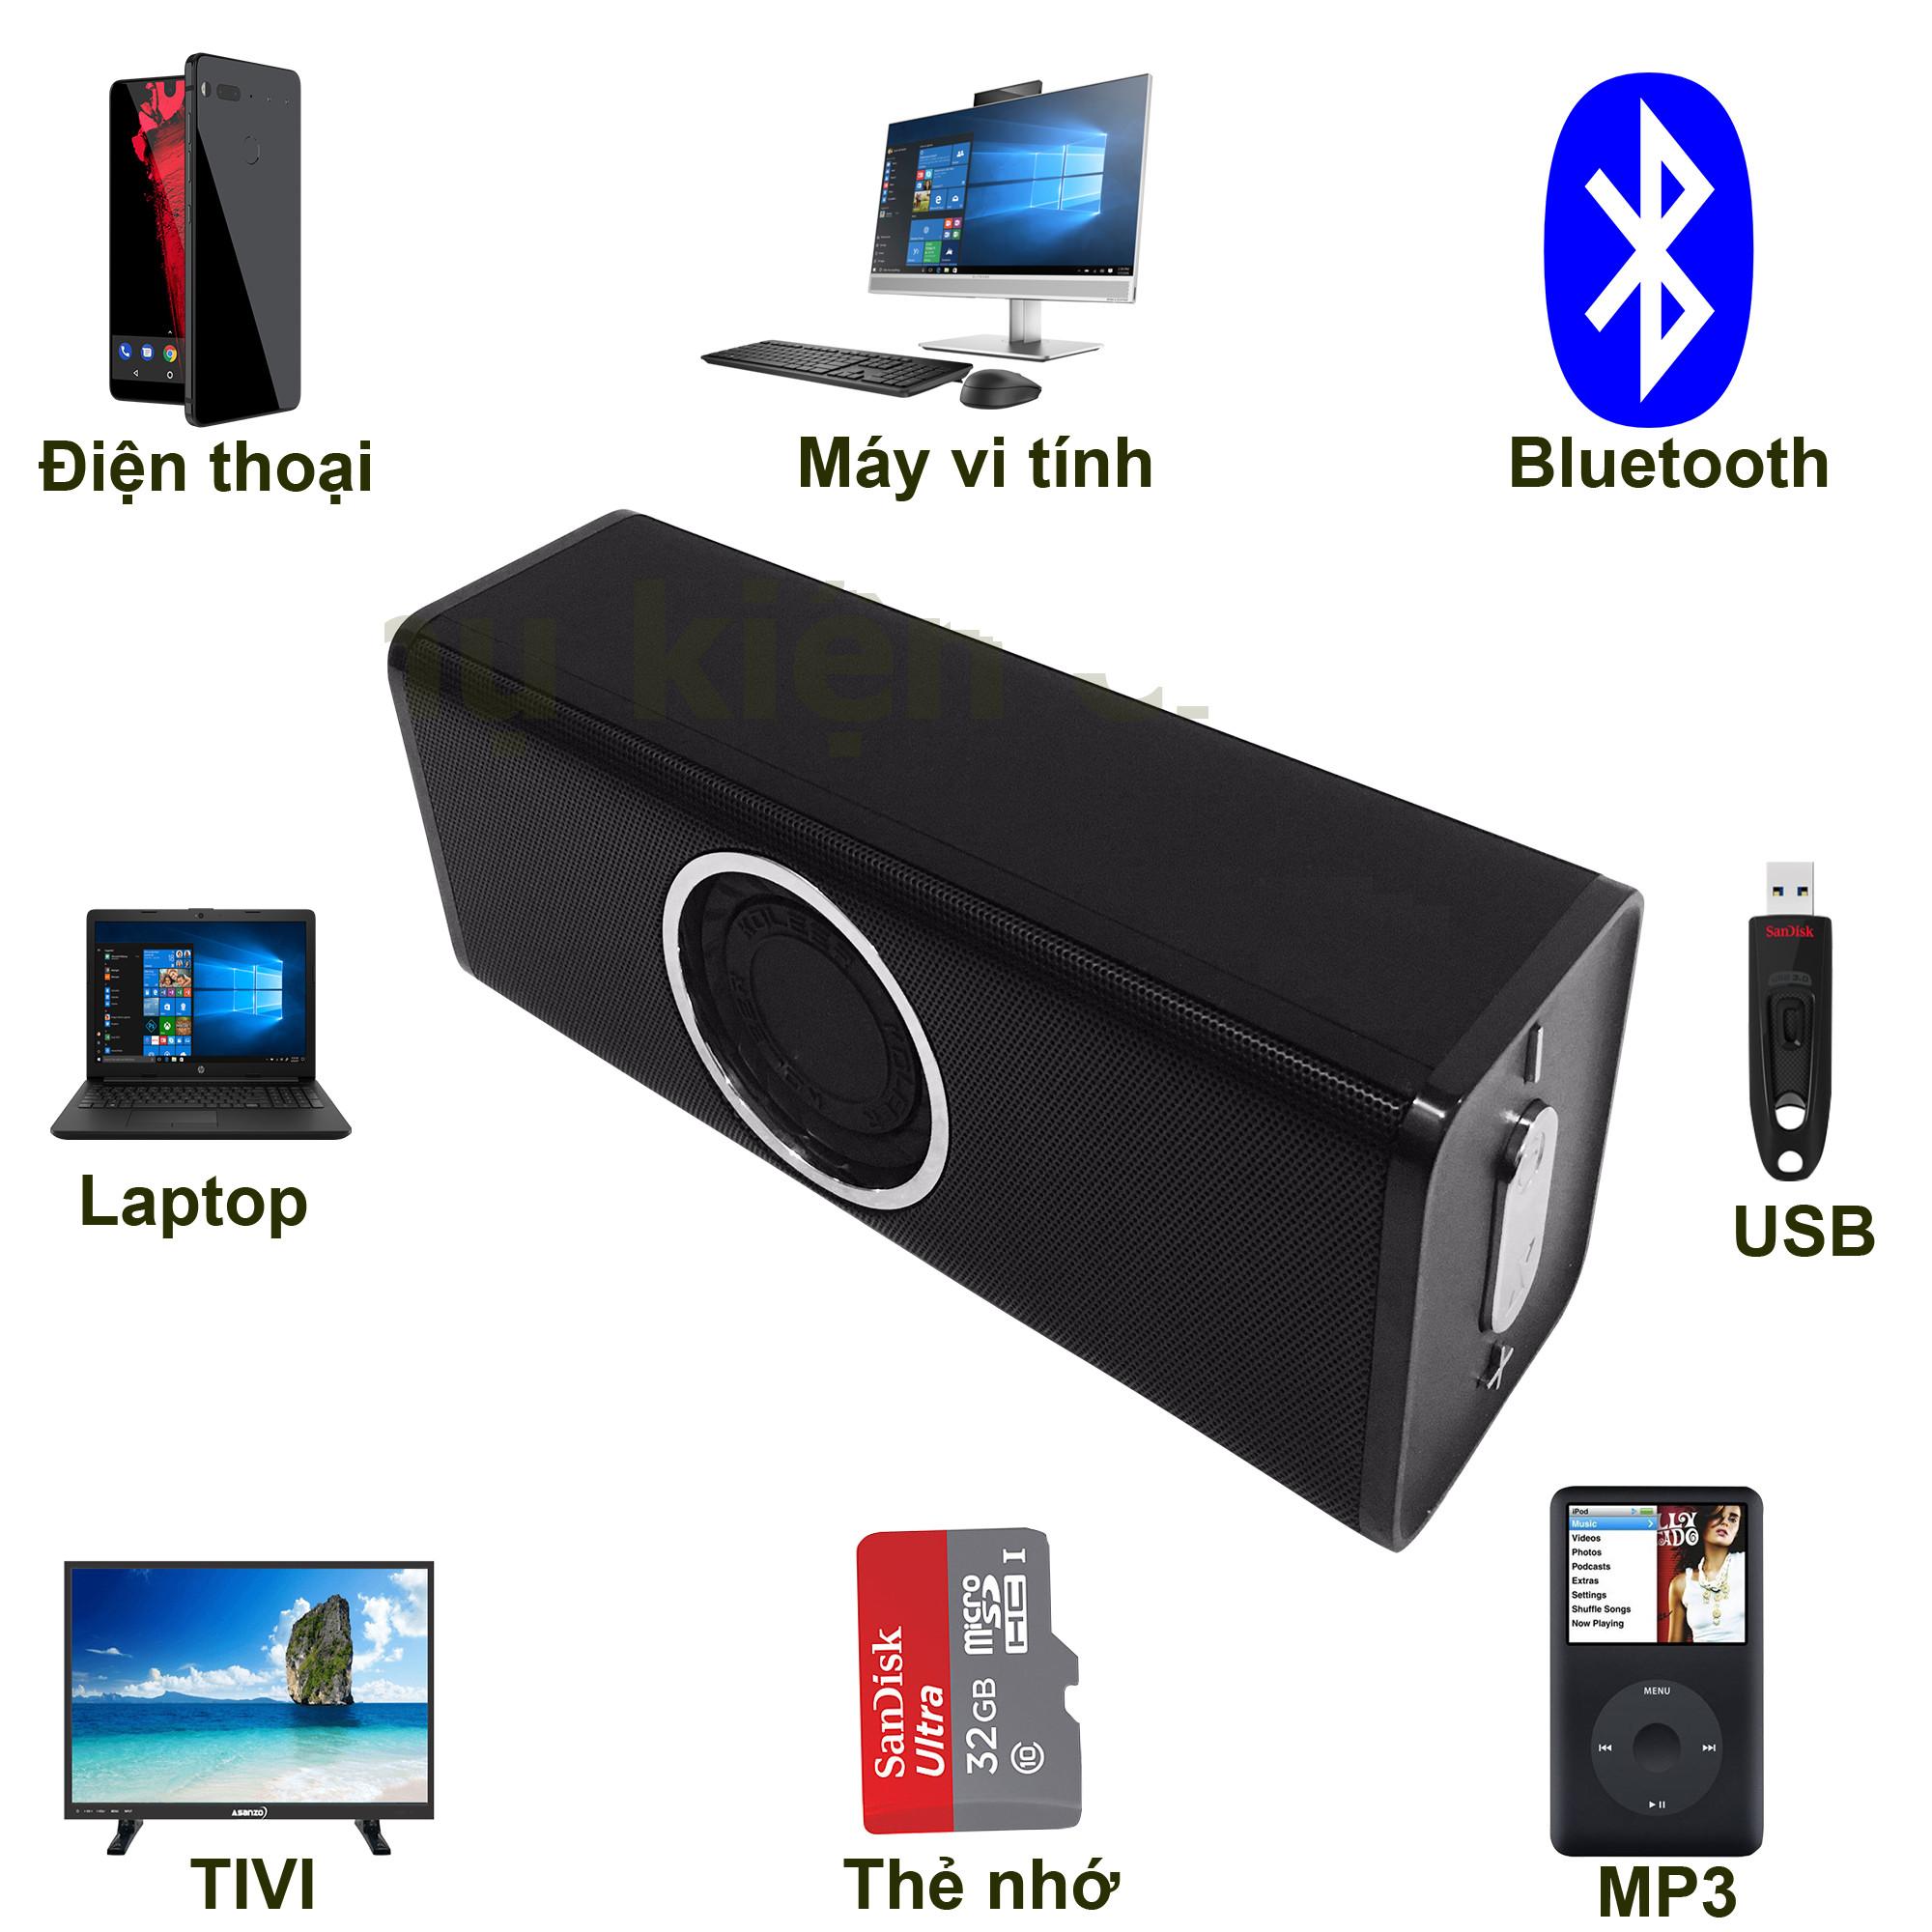 Loa Bluetooth Bass âm Thanh Sống Động chuẩn HIFI PKCB H5 3 trong 1 PF112